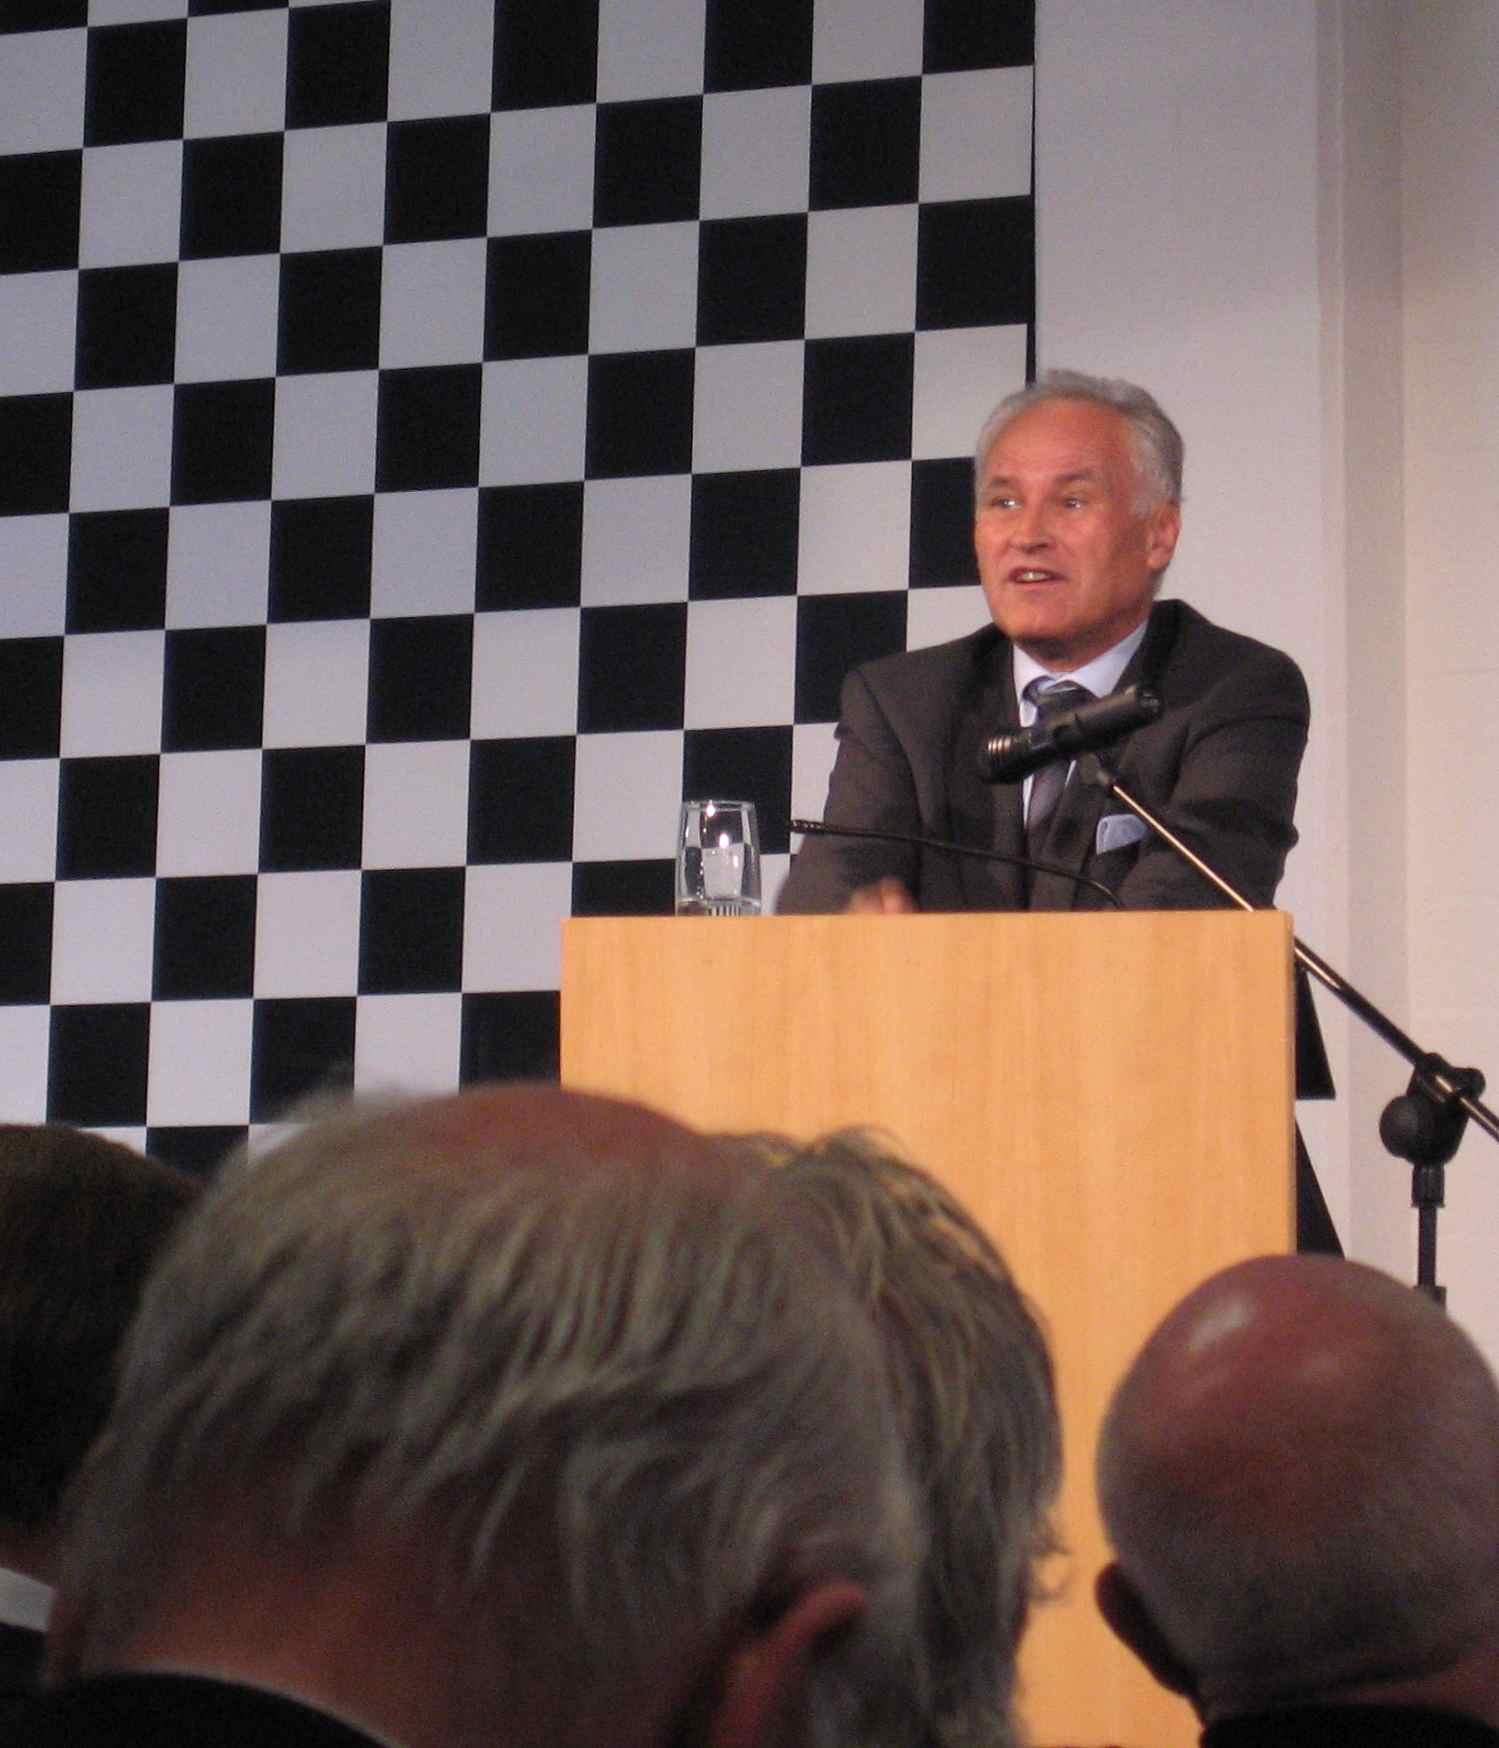 Erwin Huber fordert Entlastungen für Familienbetriebe